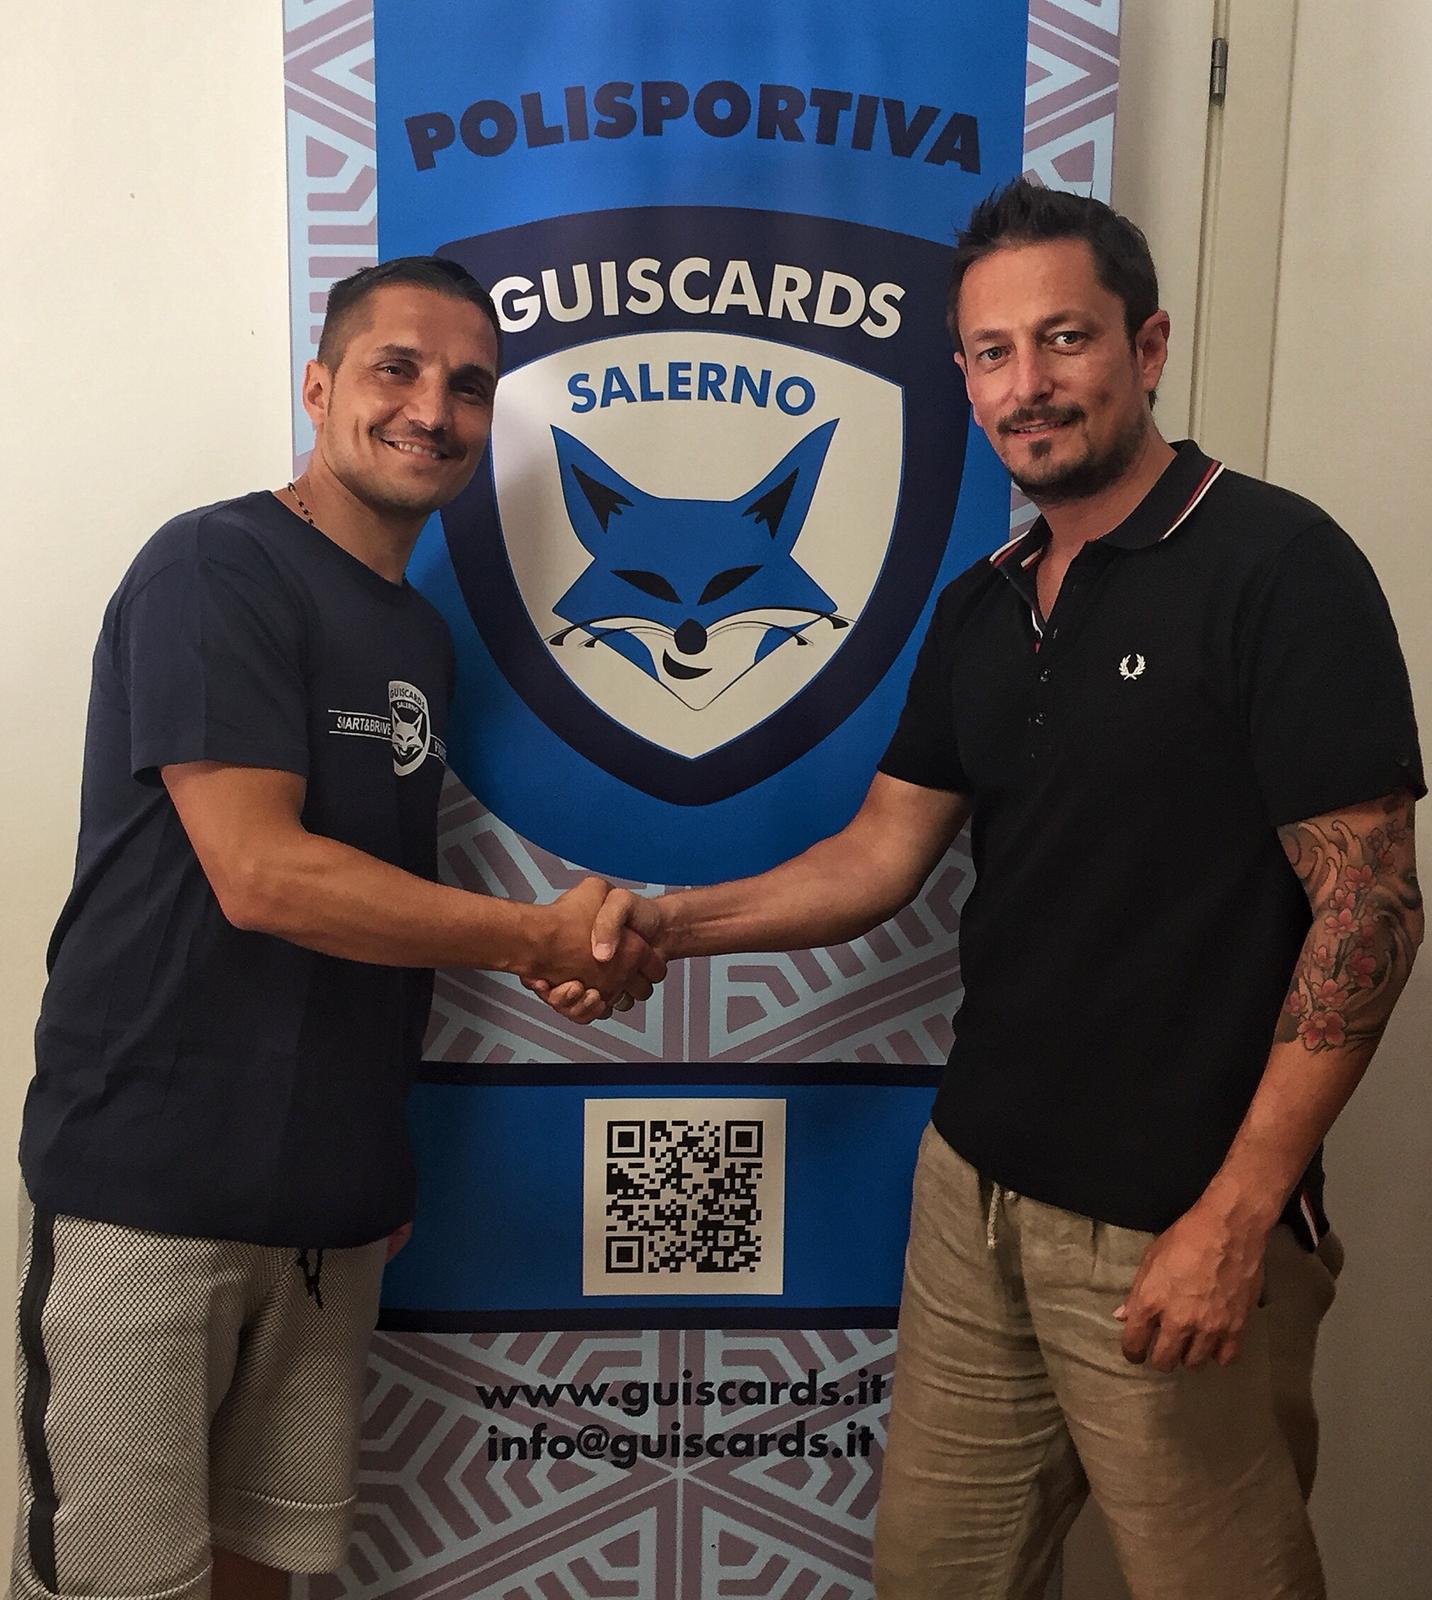 Calcio: David Mounard direttore tecnico della Salerno Guiscards